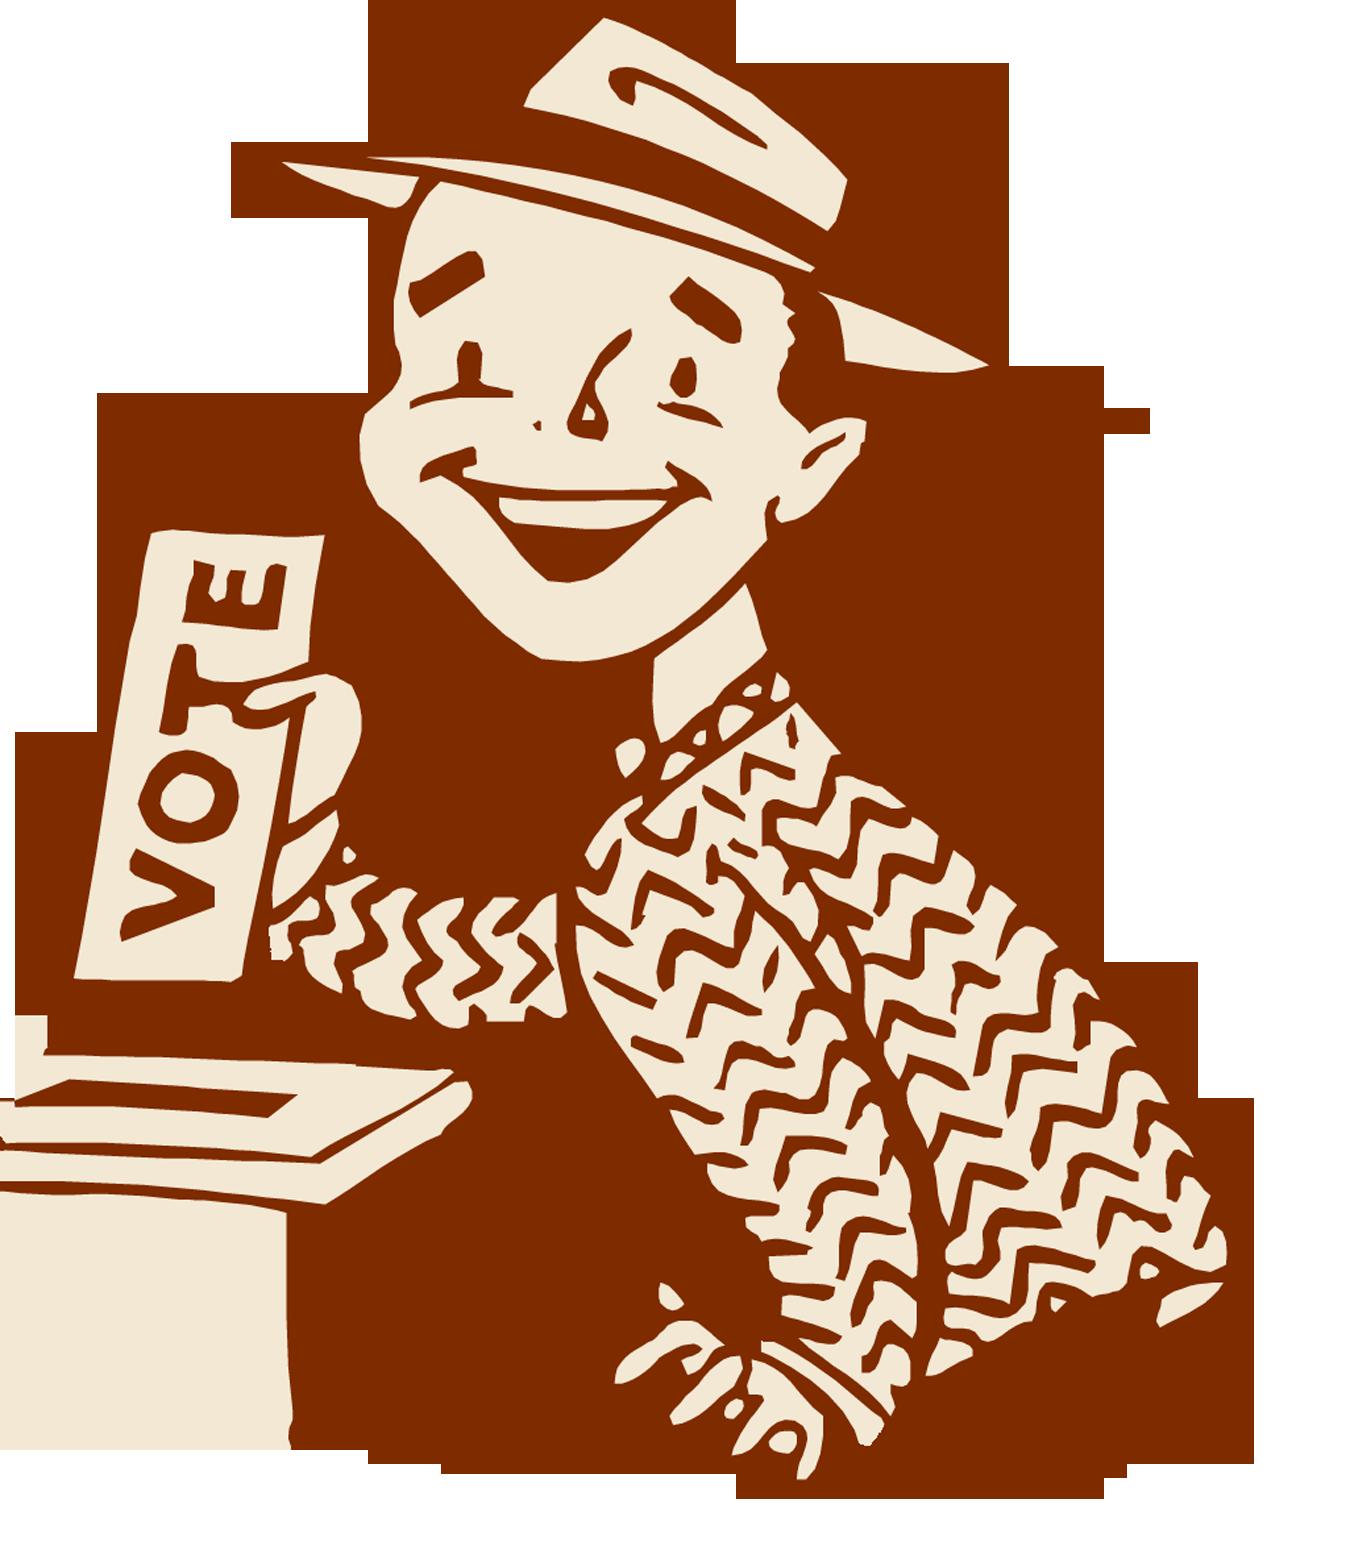 School election clipart clipart transparent Election Day Thoughts clipart transparent